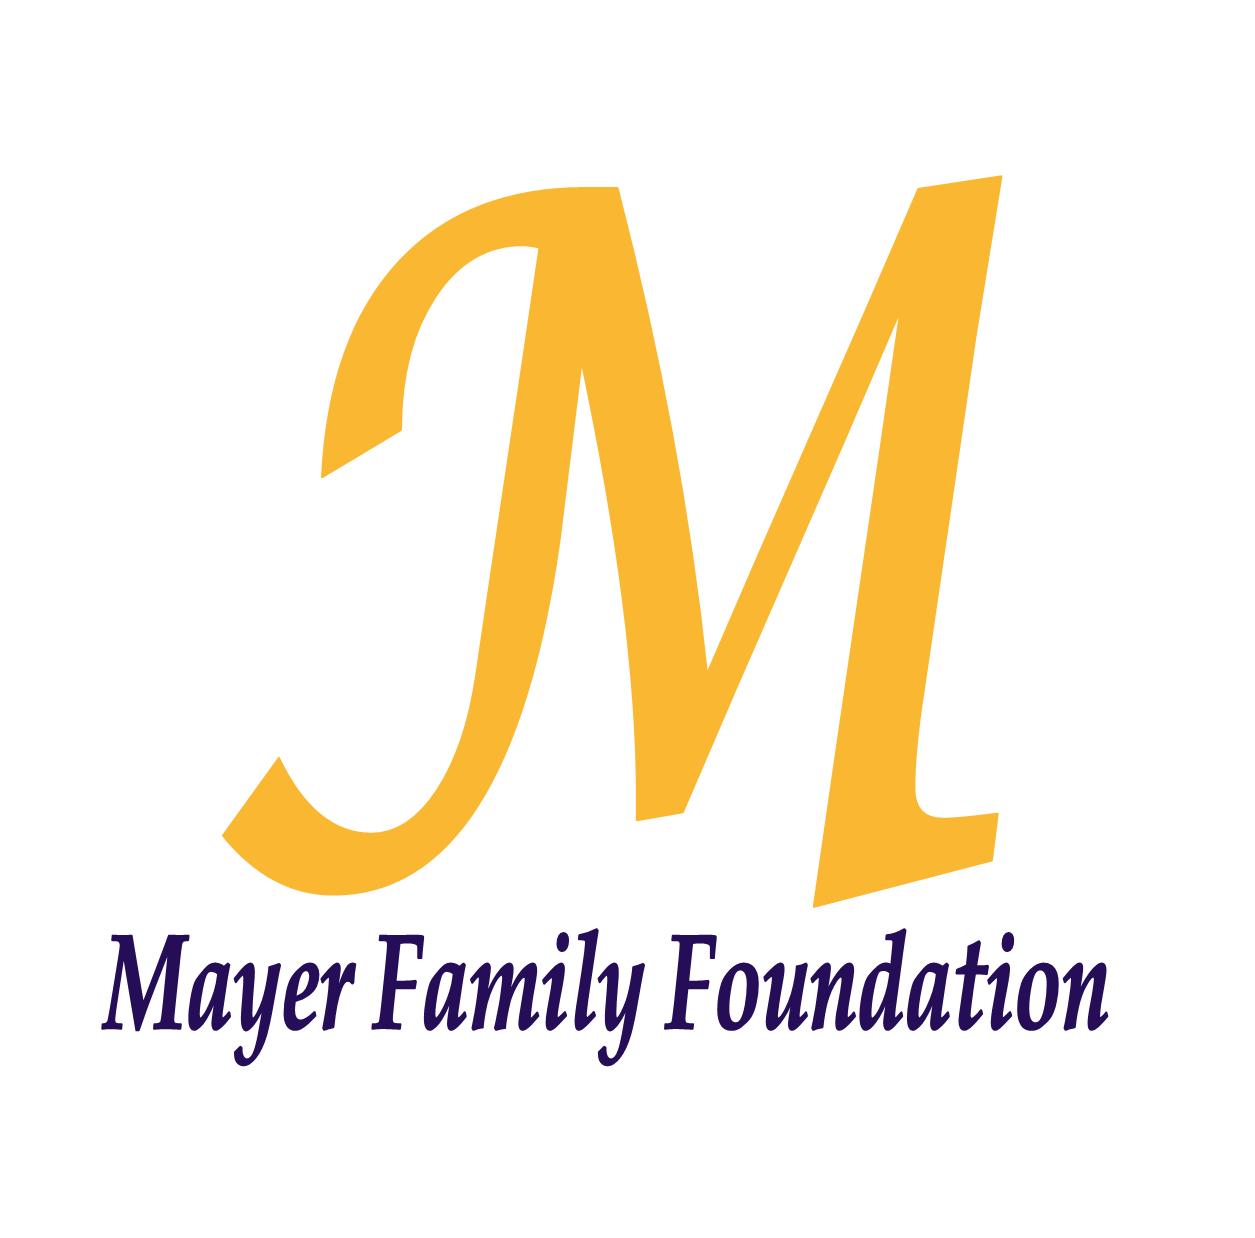 Mayer Family - Logo To Use